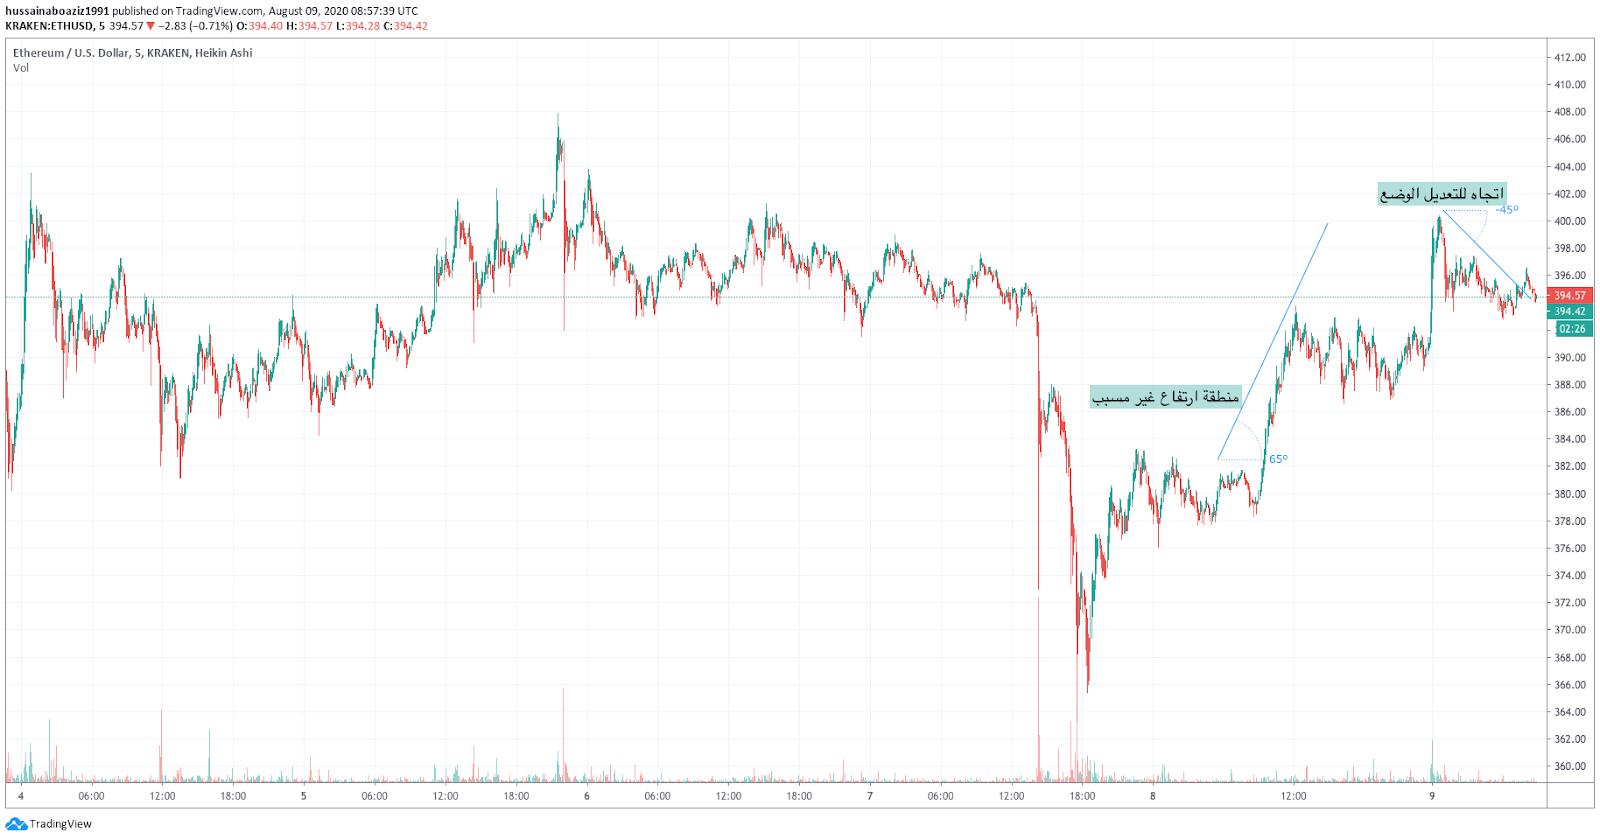 الرسم البياني للإيثريوم-الدولار الأمريكي